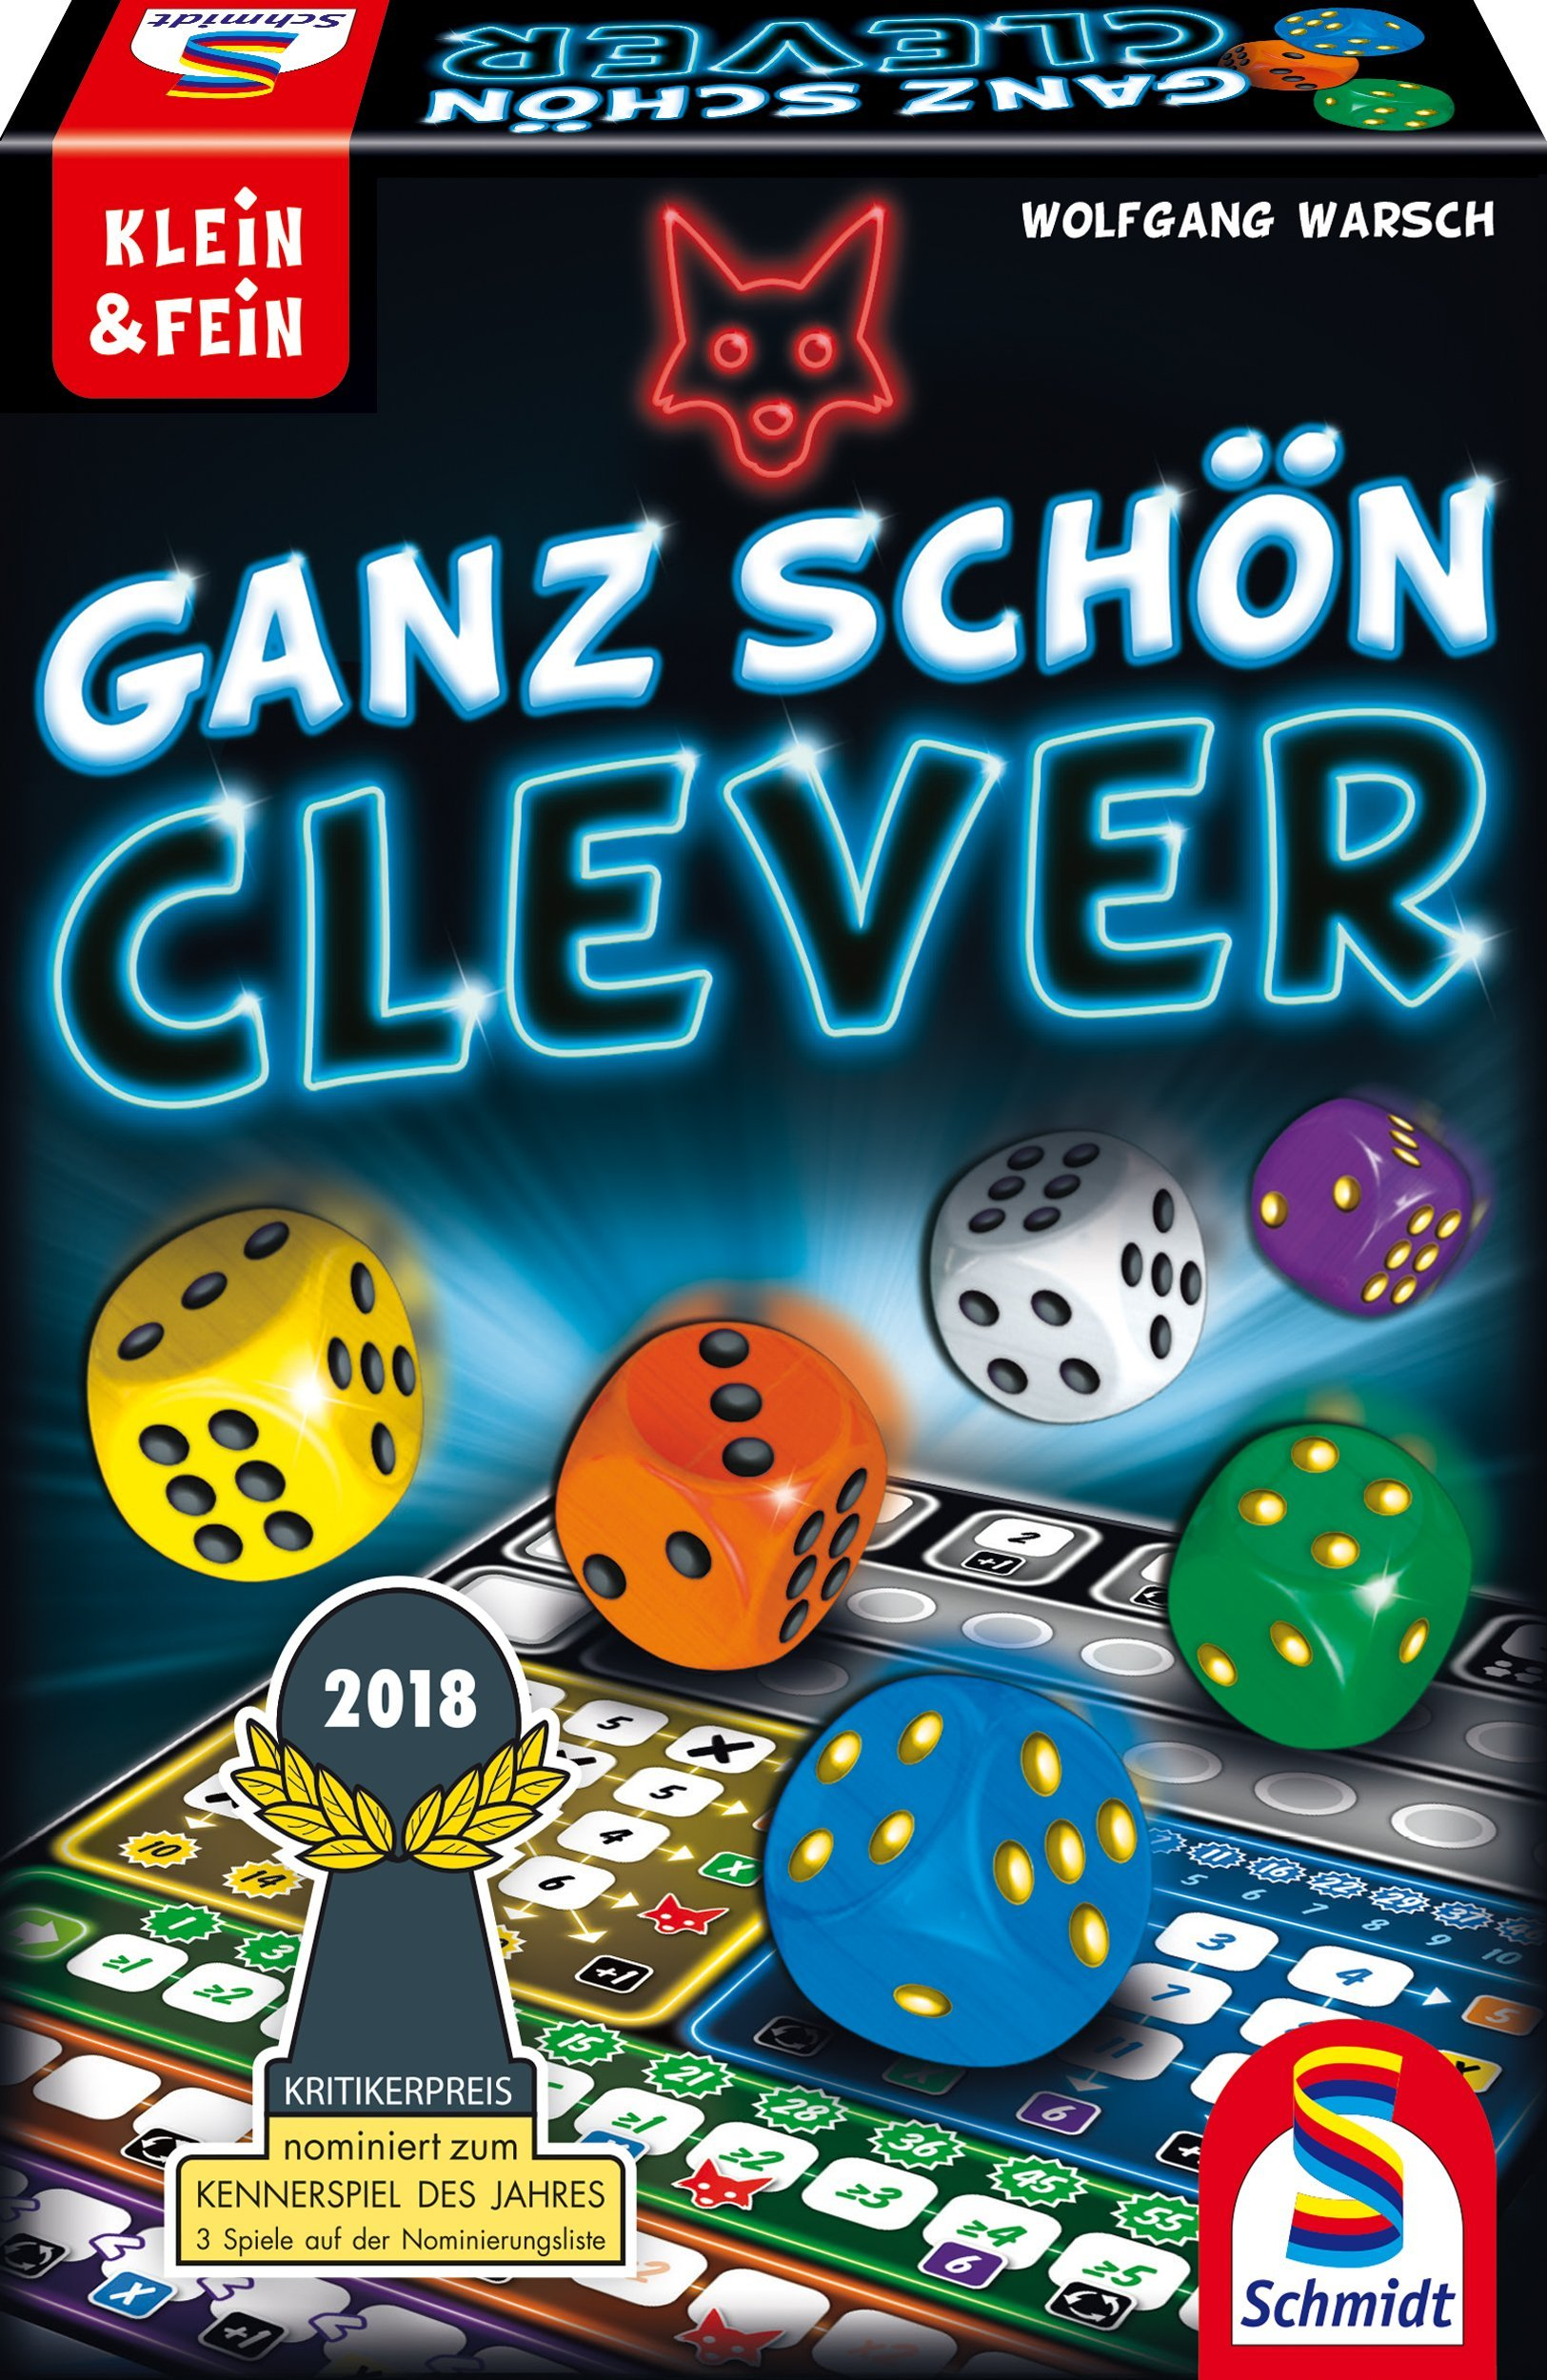 Schmidt Spiele 49340'' Very Clever Game by Schmidt